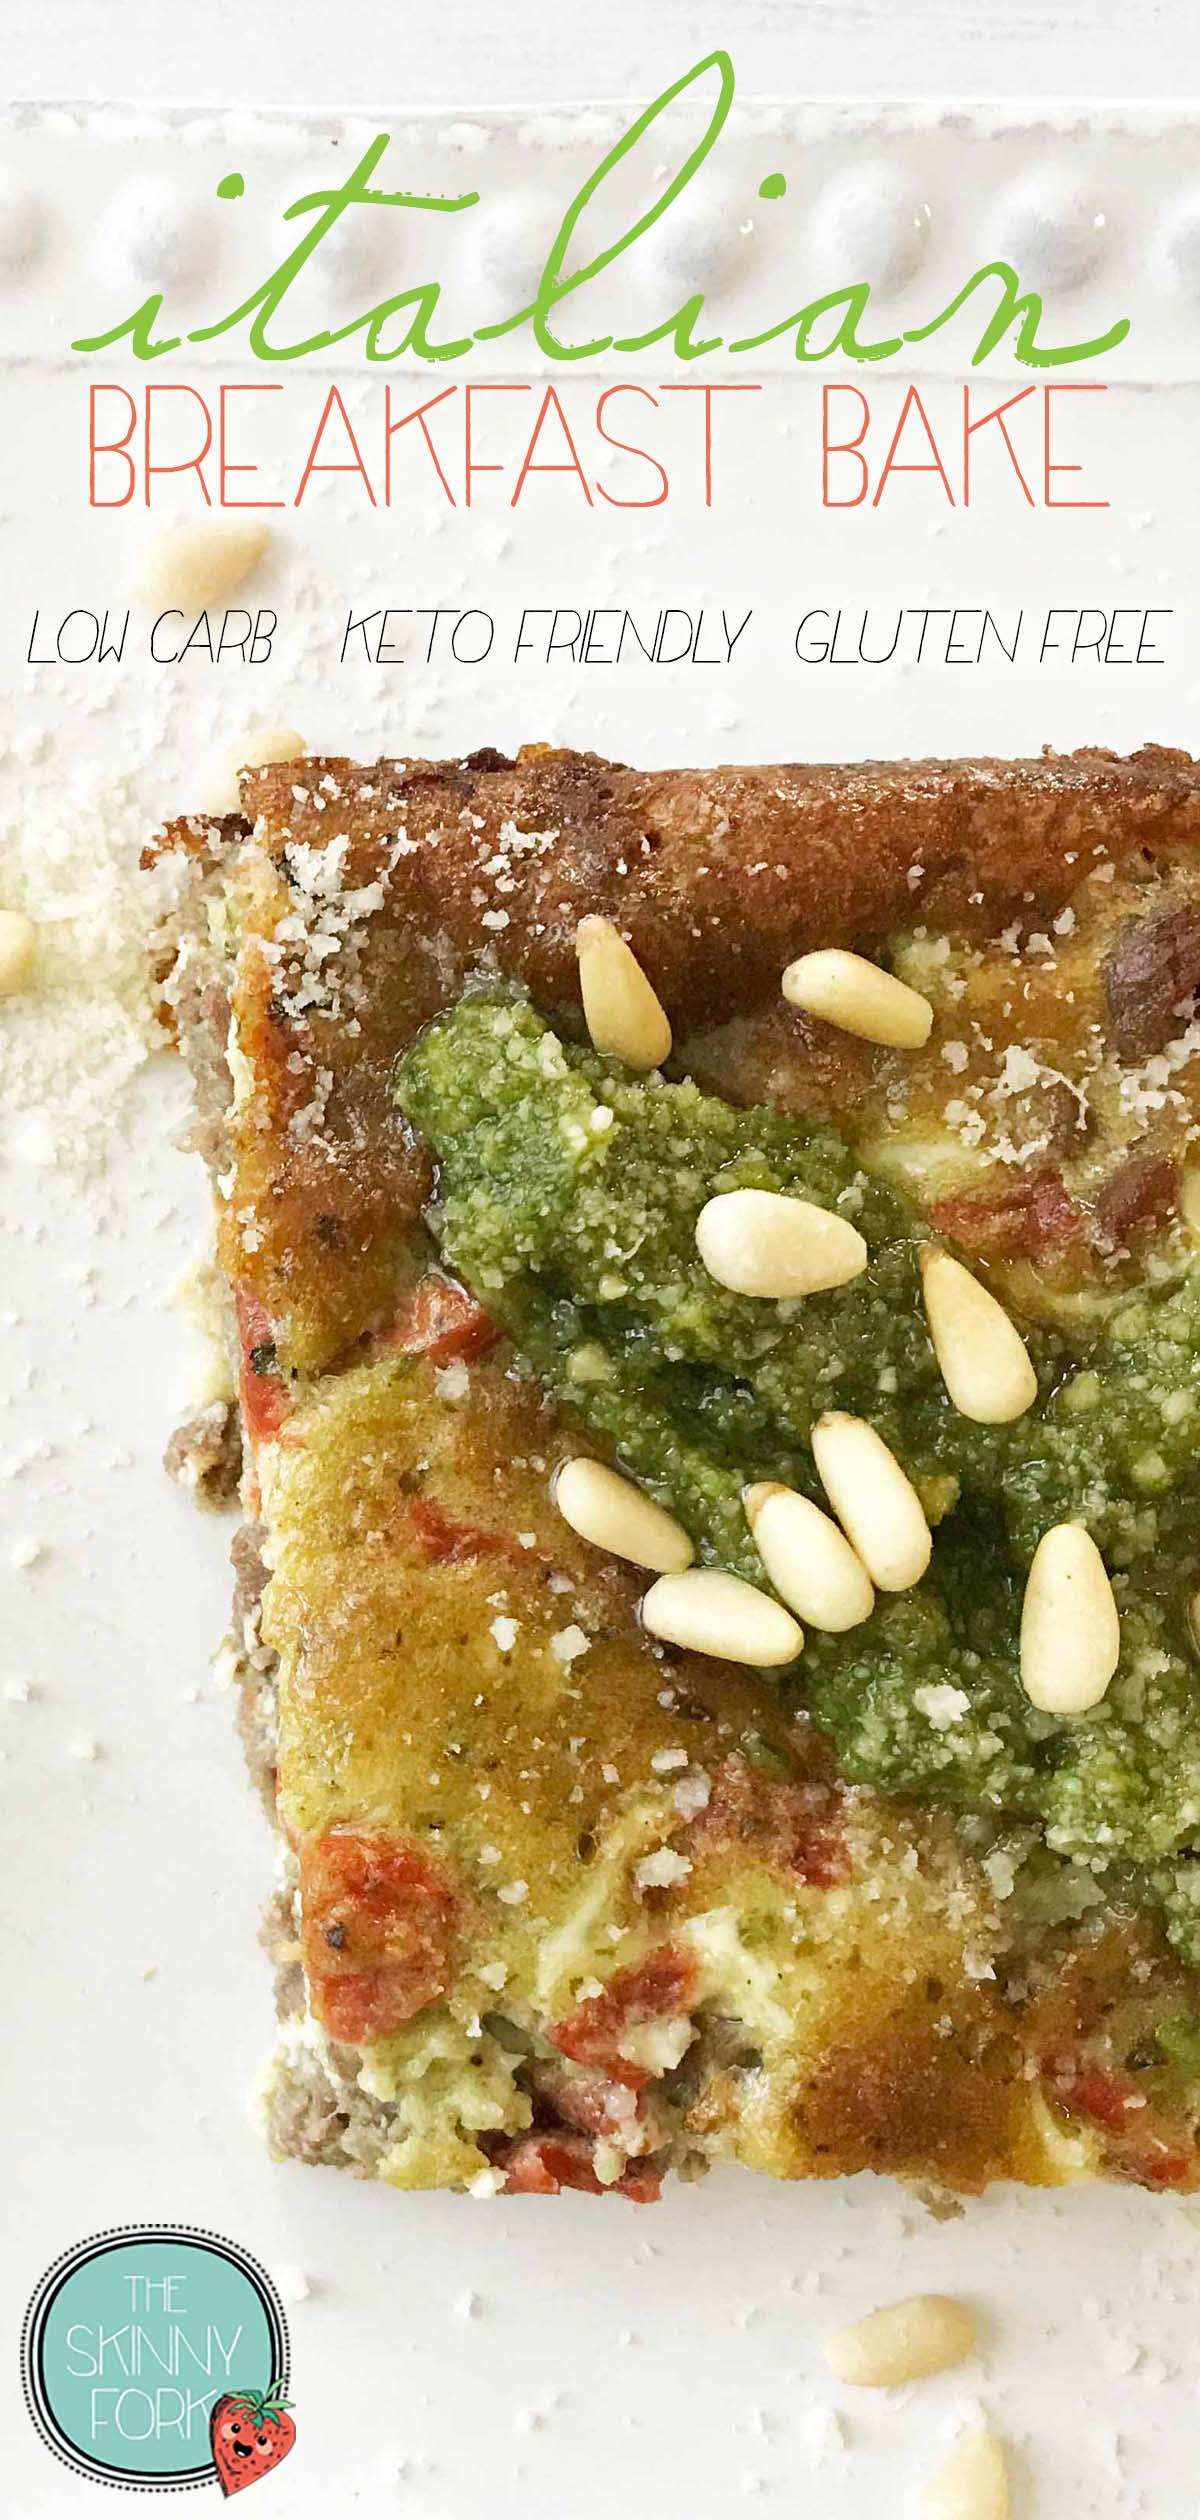 Italian Breakfast Bake